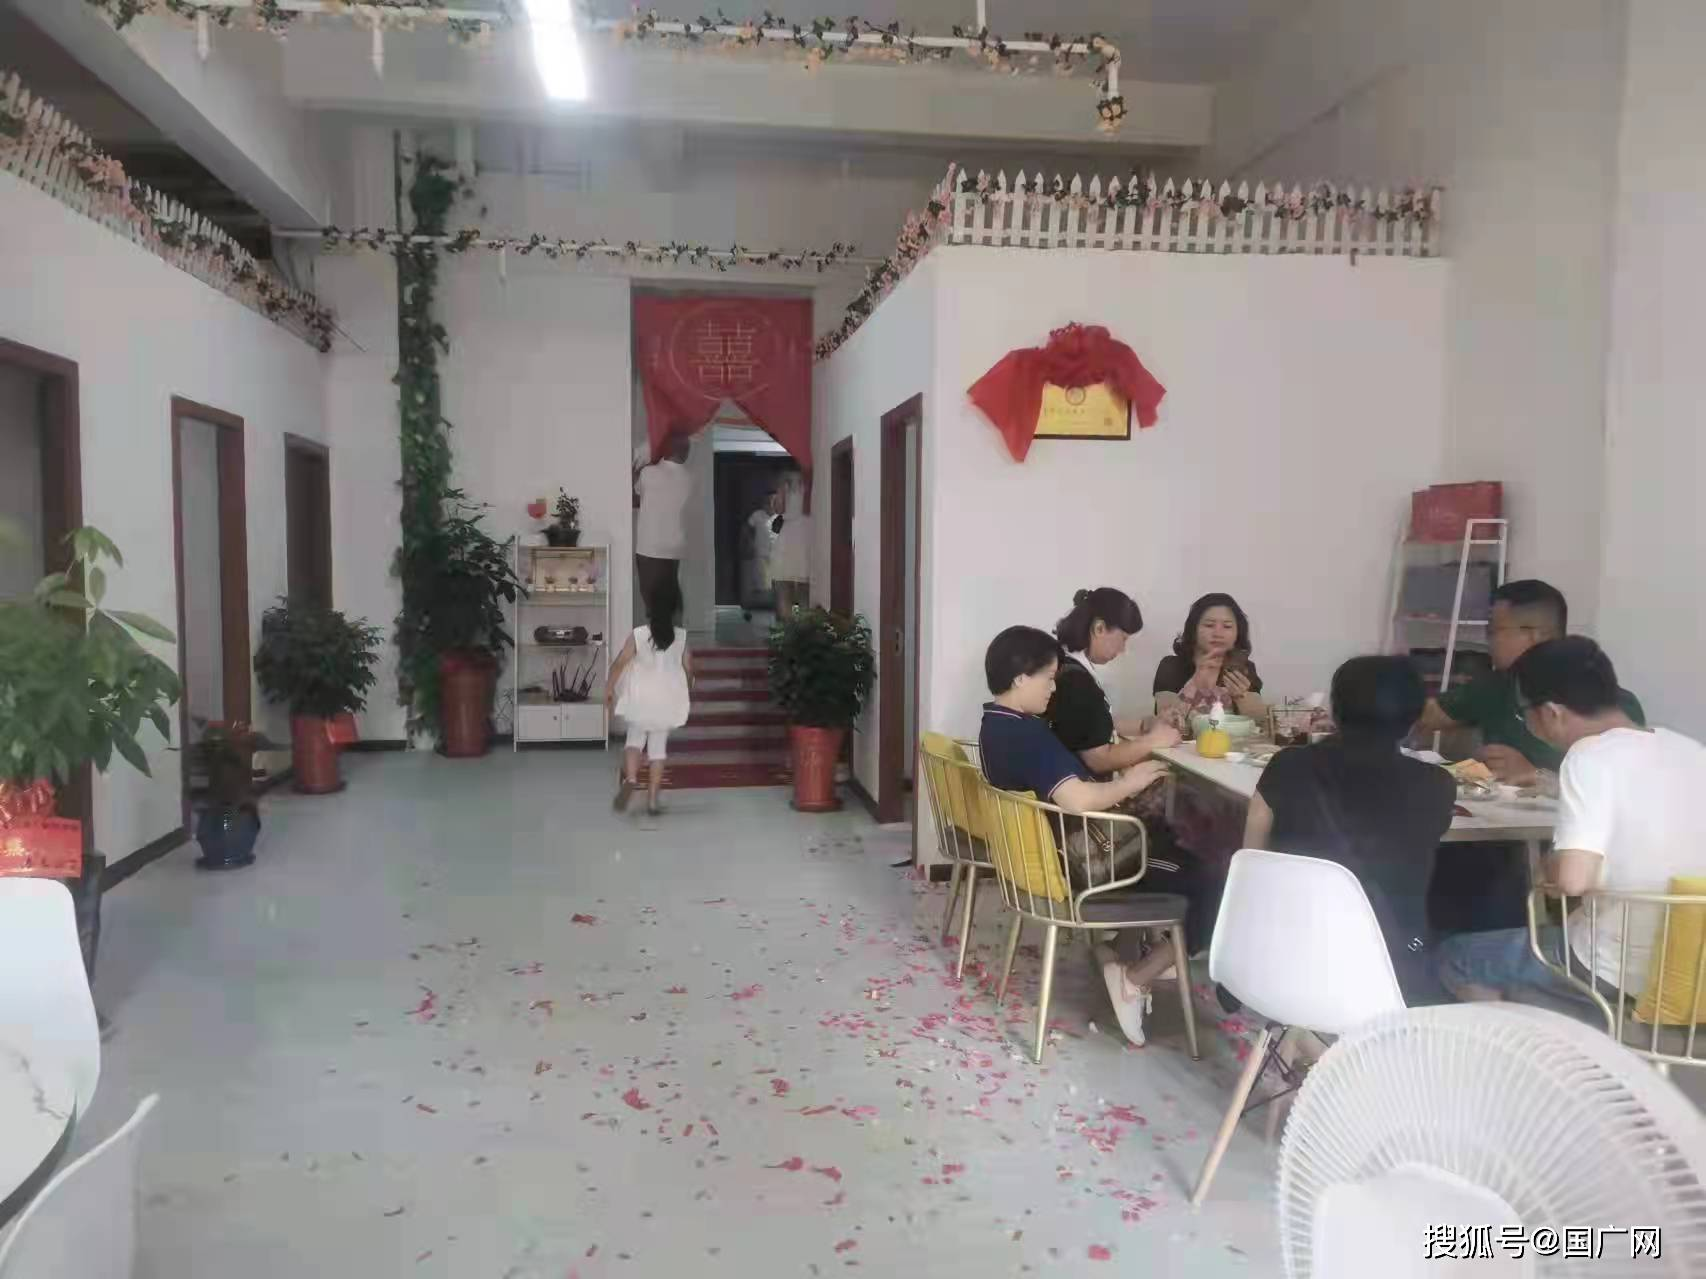 喜见佳缘玫瑰有约 燕江之滨凤凰于飞 --省婚协青年之家第12服务站花开永安